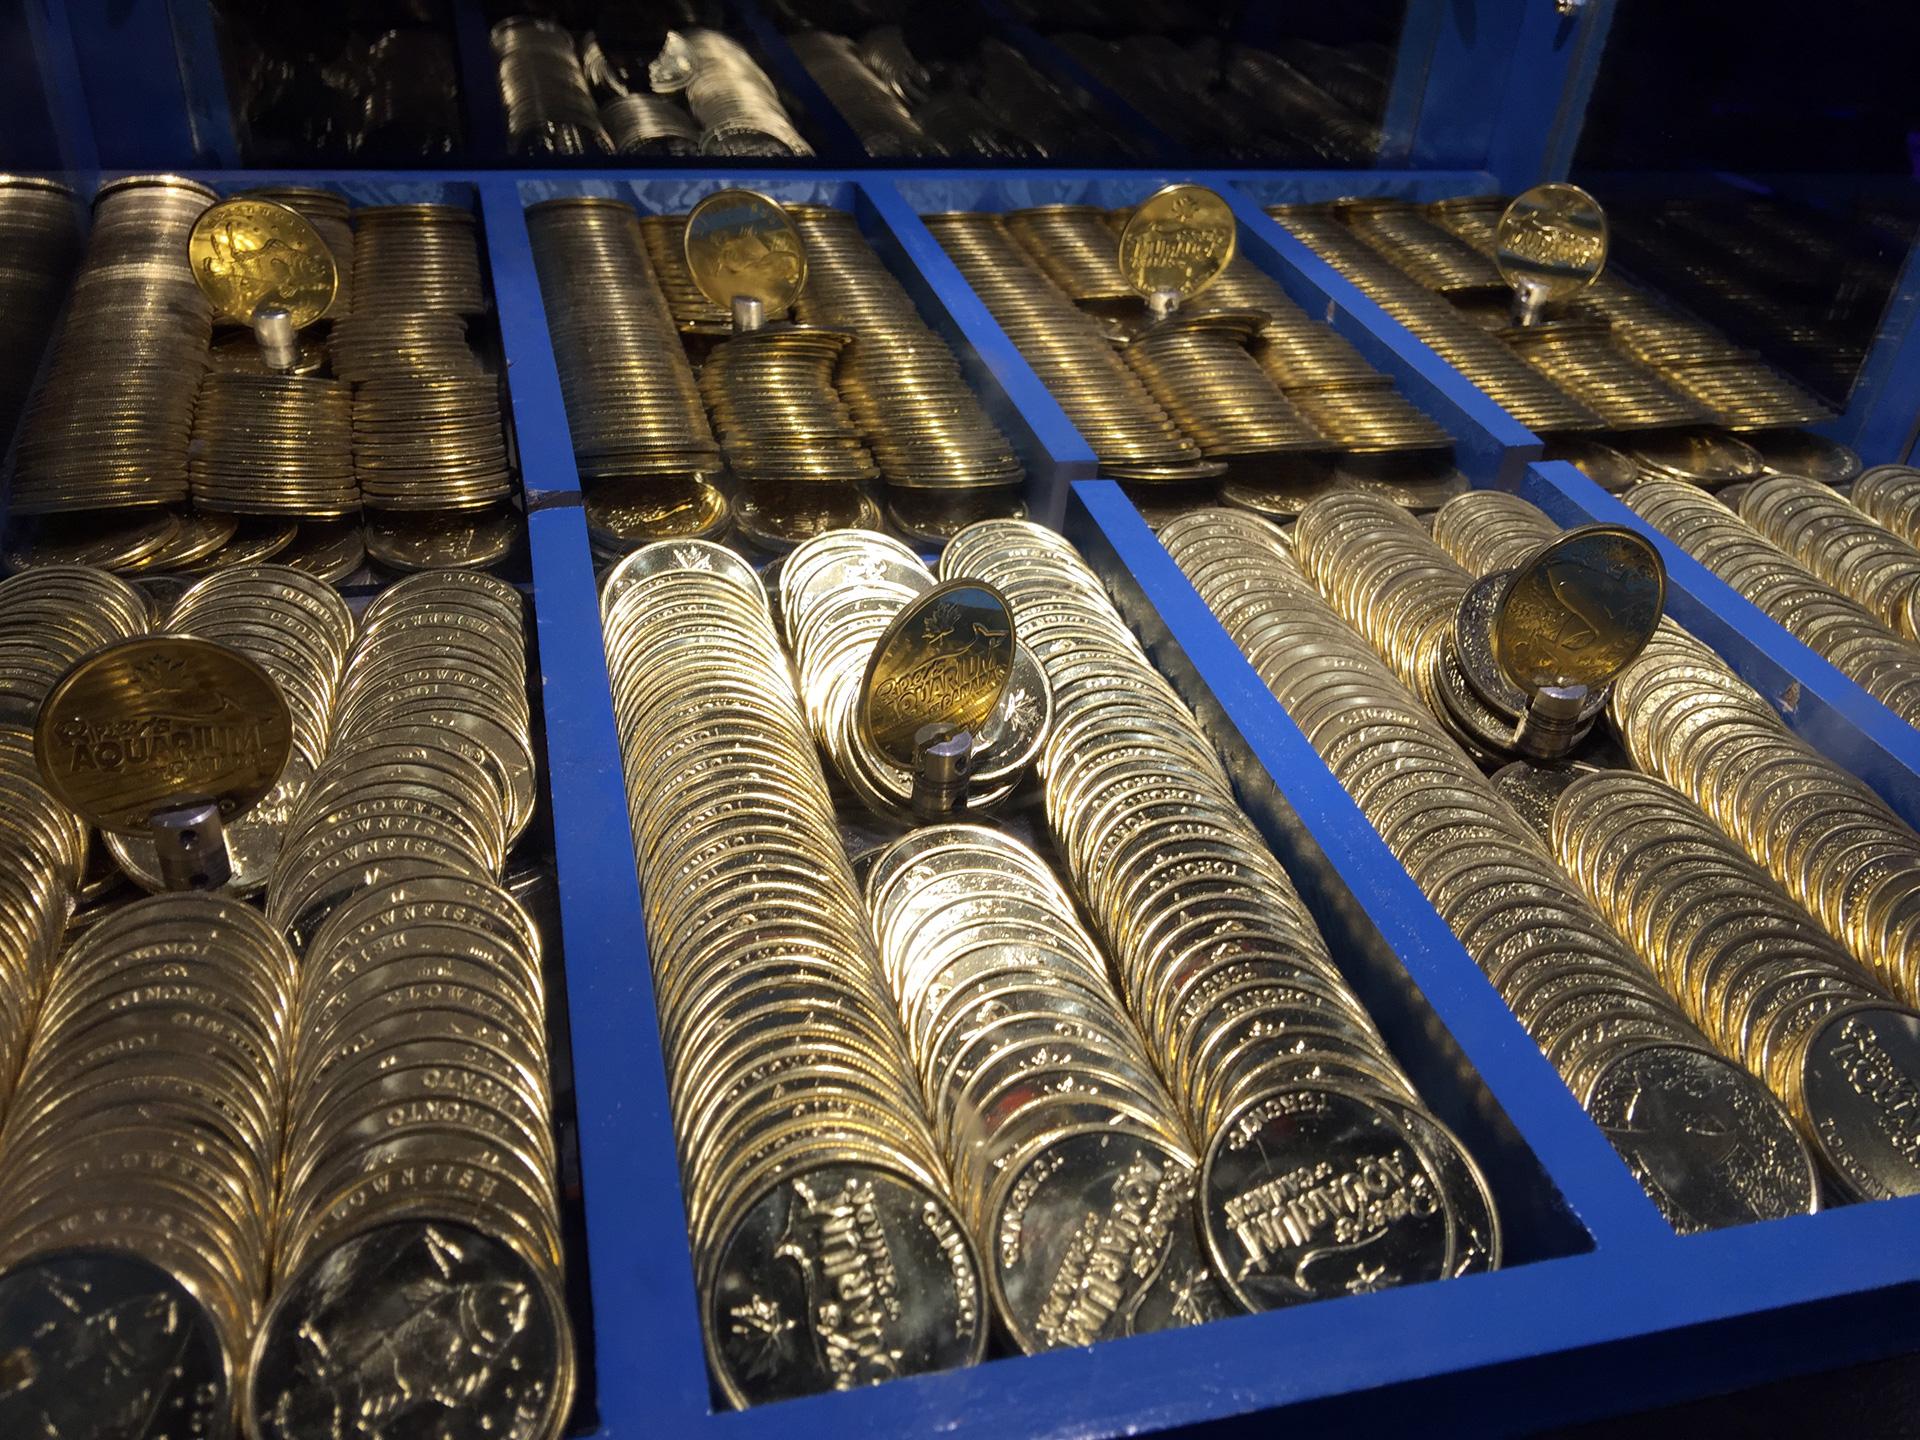 El tesoro de oro perdido de Ripley